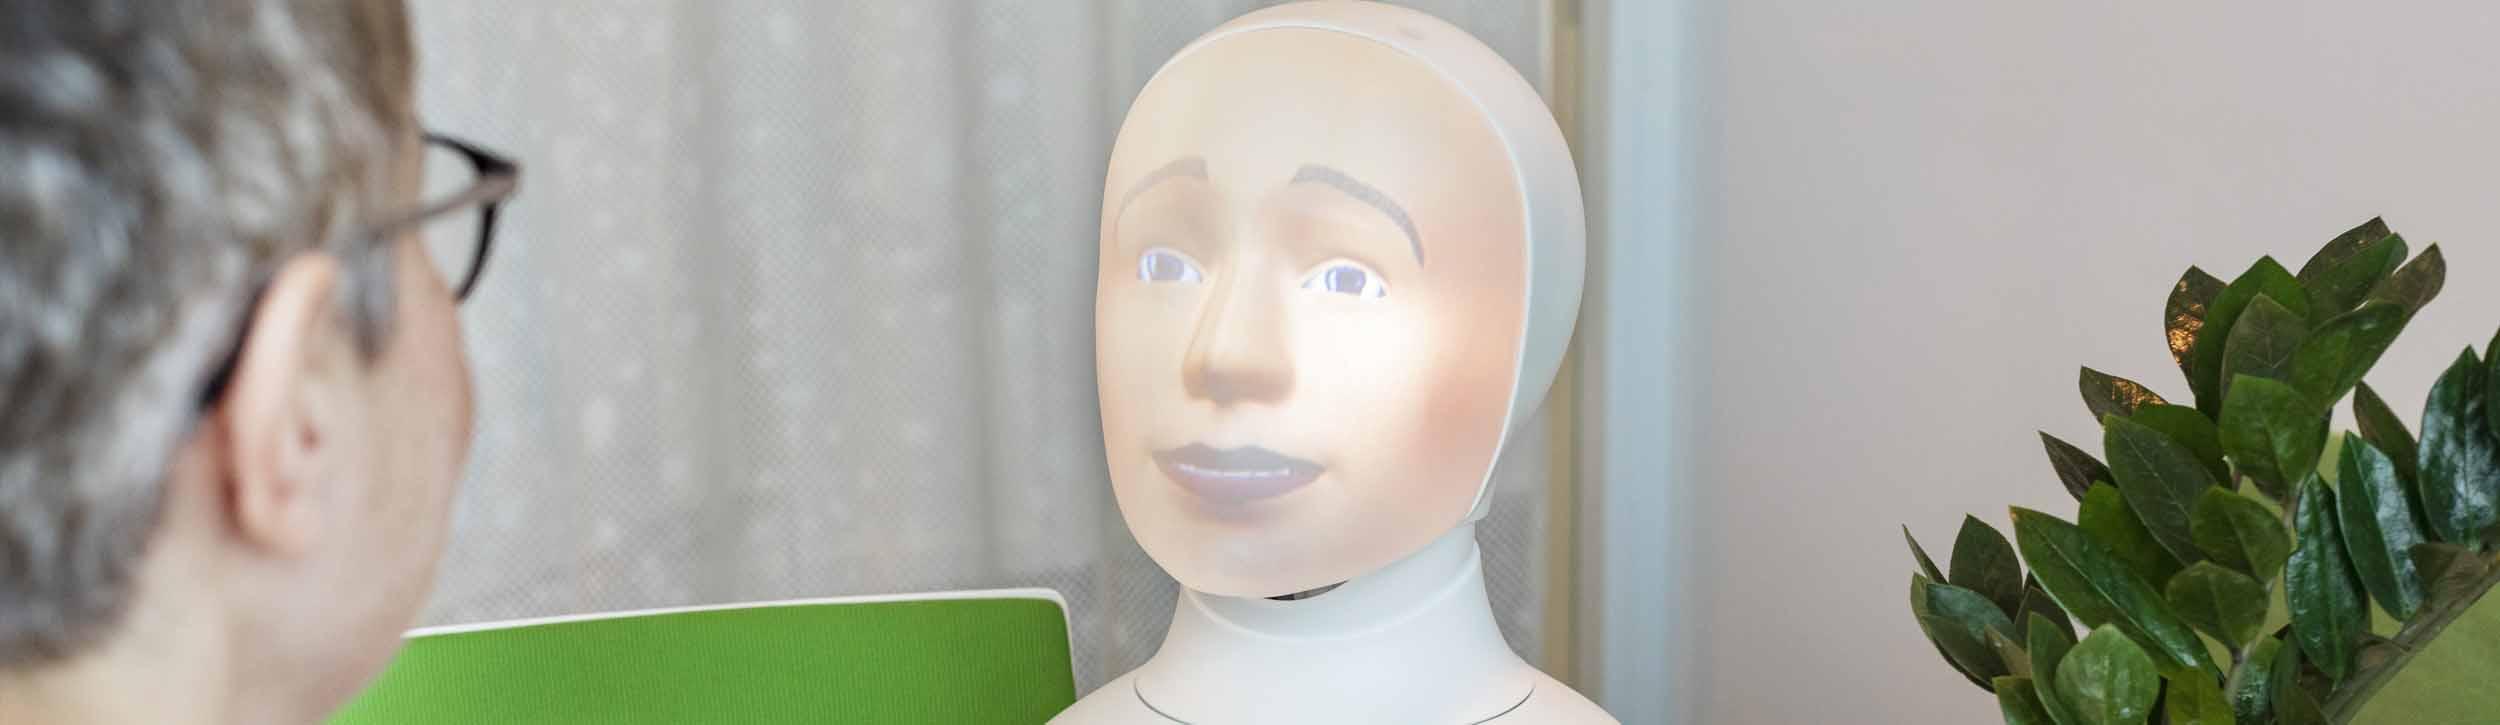 Robotrekrytering med intervjuroboten Tengai - utvecklat av TNG och Furhat Robotics